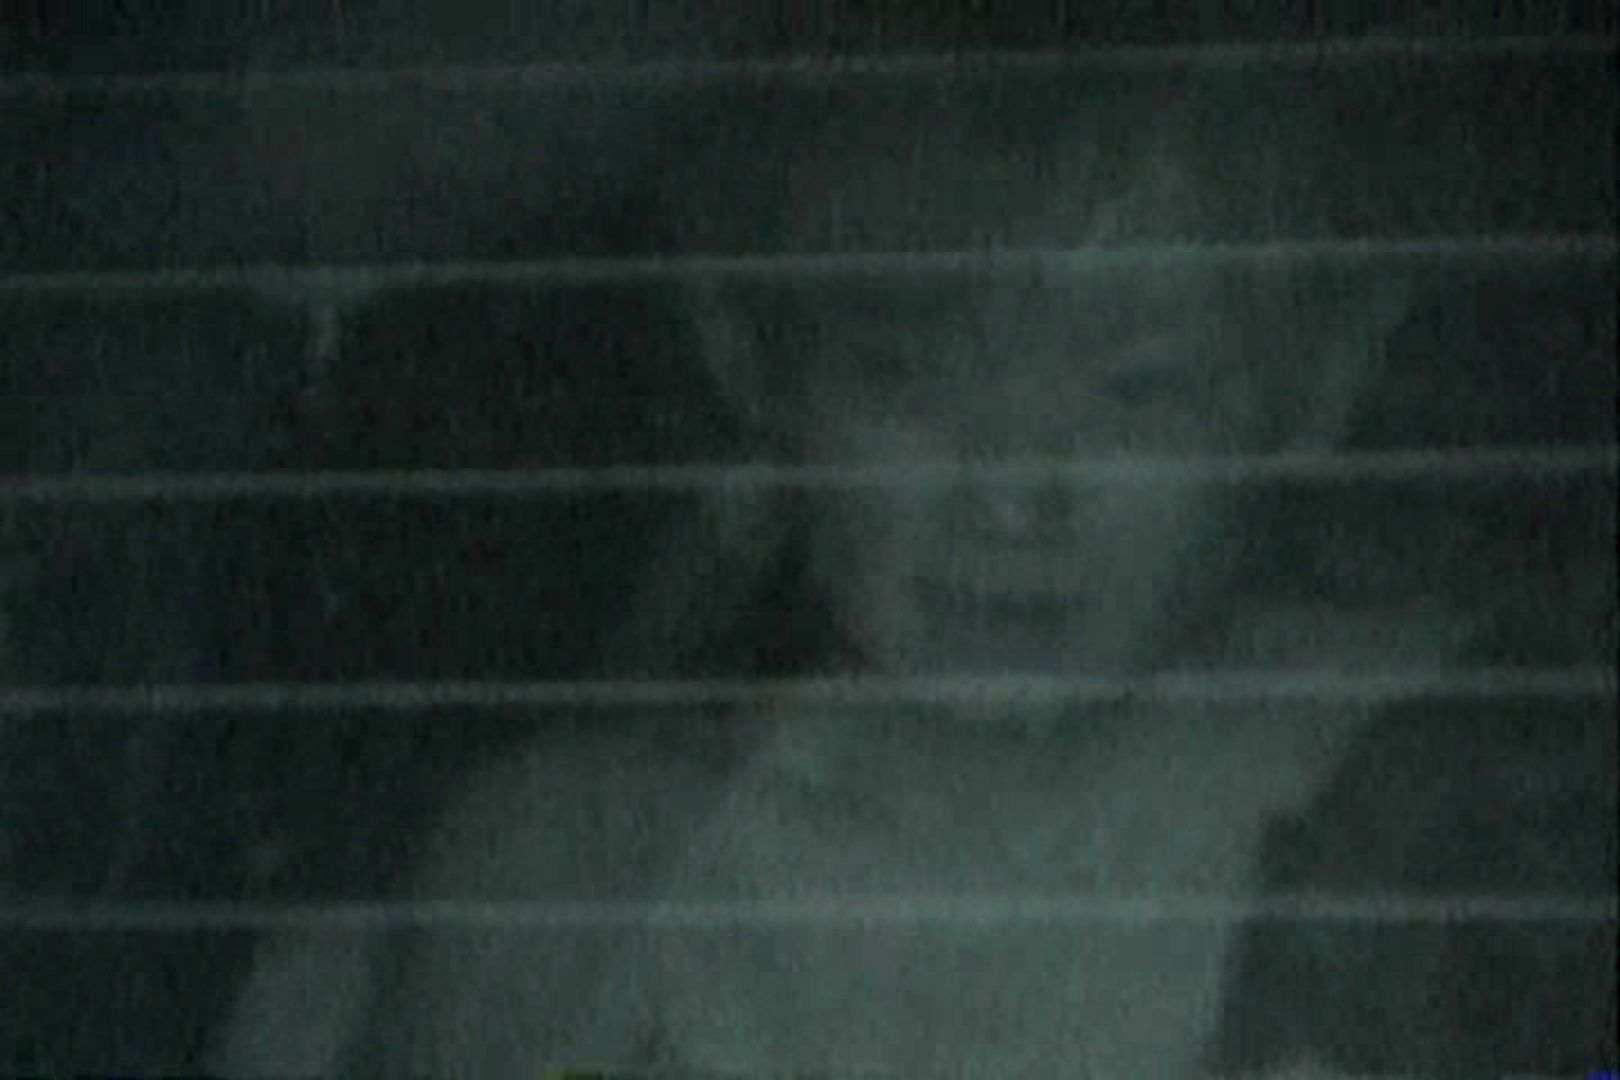 充血監督の深夜の運動会Vol.129 カーセックス オマンコ動画キャプチャ 97PIX 83